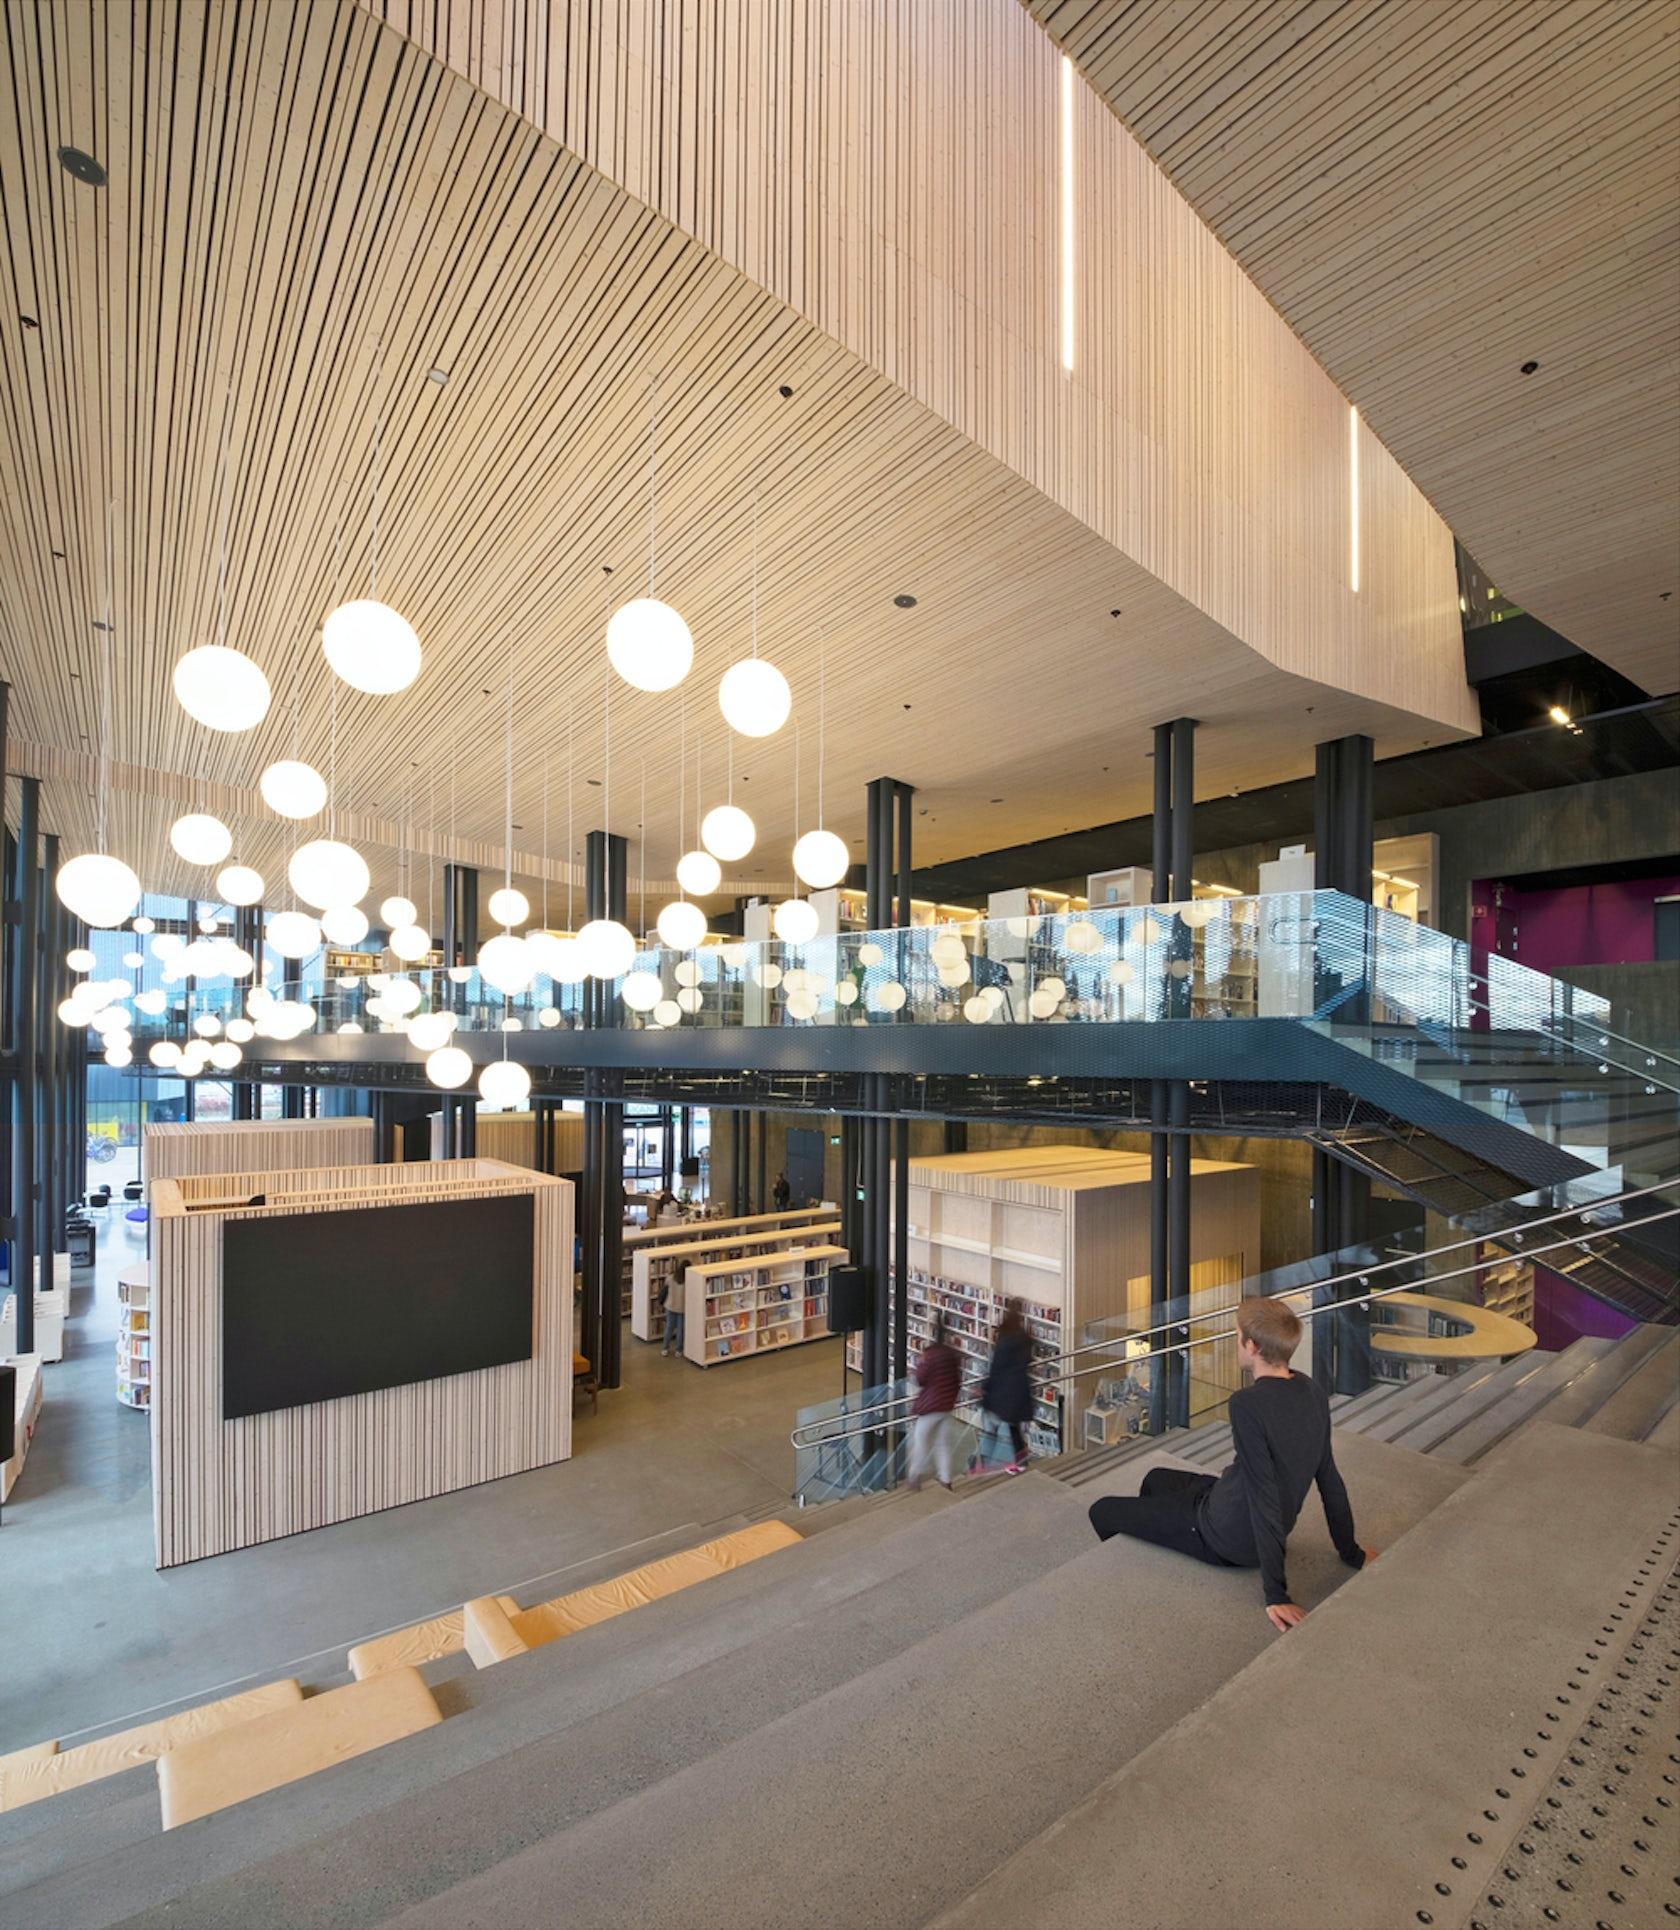 Hall Arch Designs For: Cultural Center Stjørdal